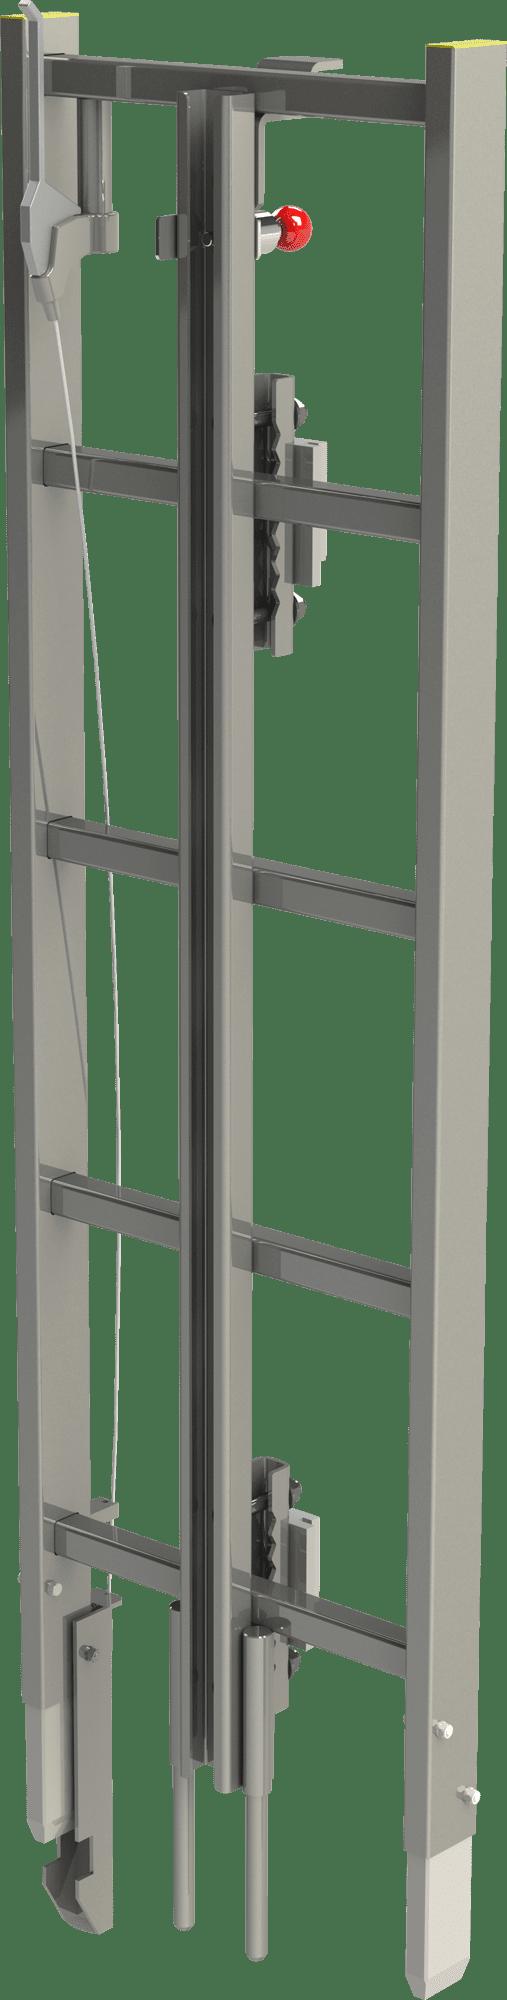 pomôcka vstupu s kolajnicou pádovej ochrany na rebrík